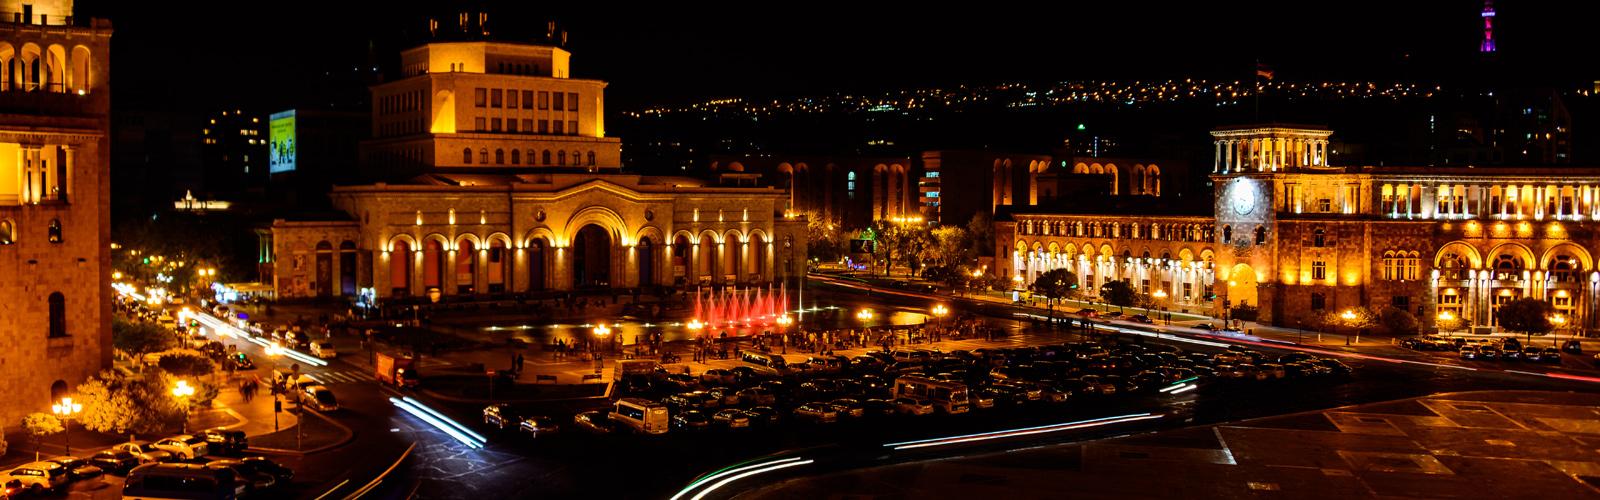 Ереван Театр Оперы и Балета